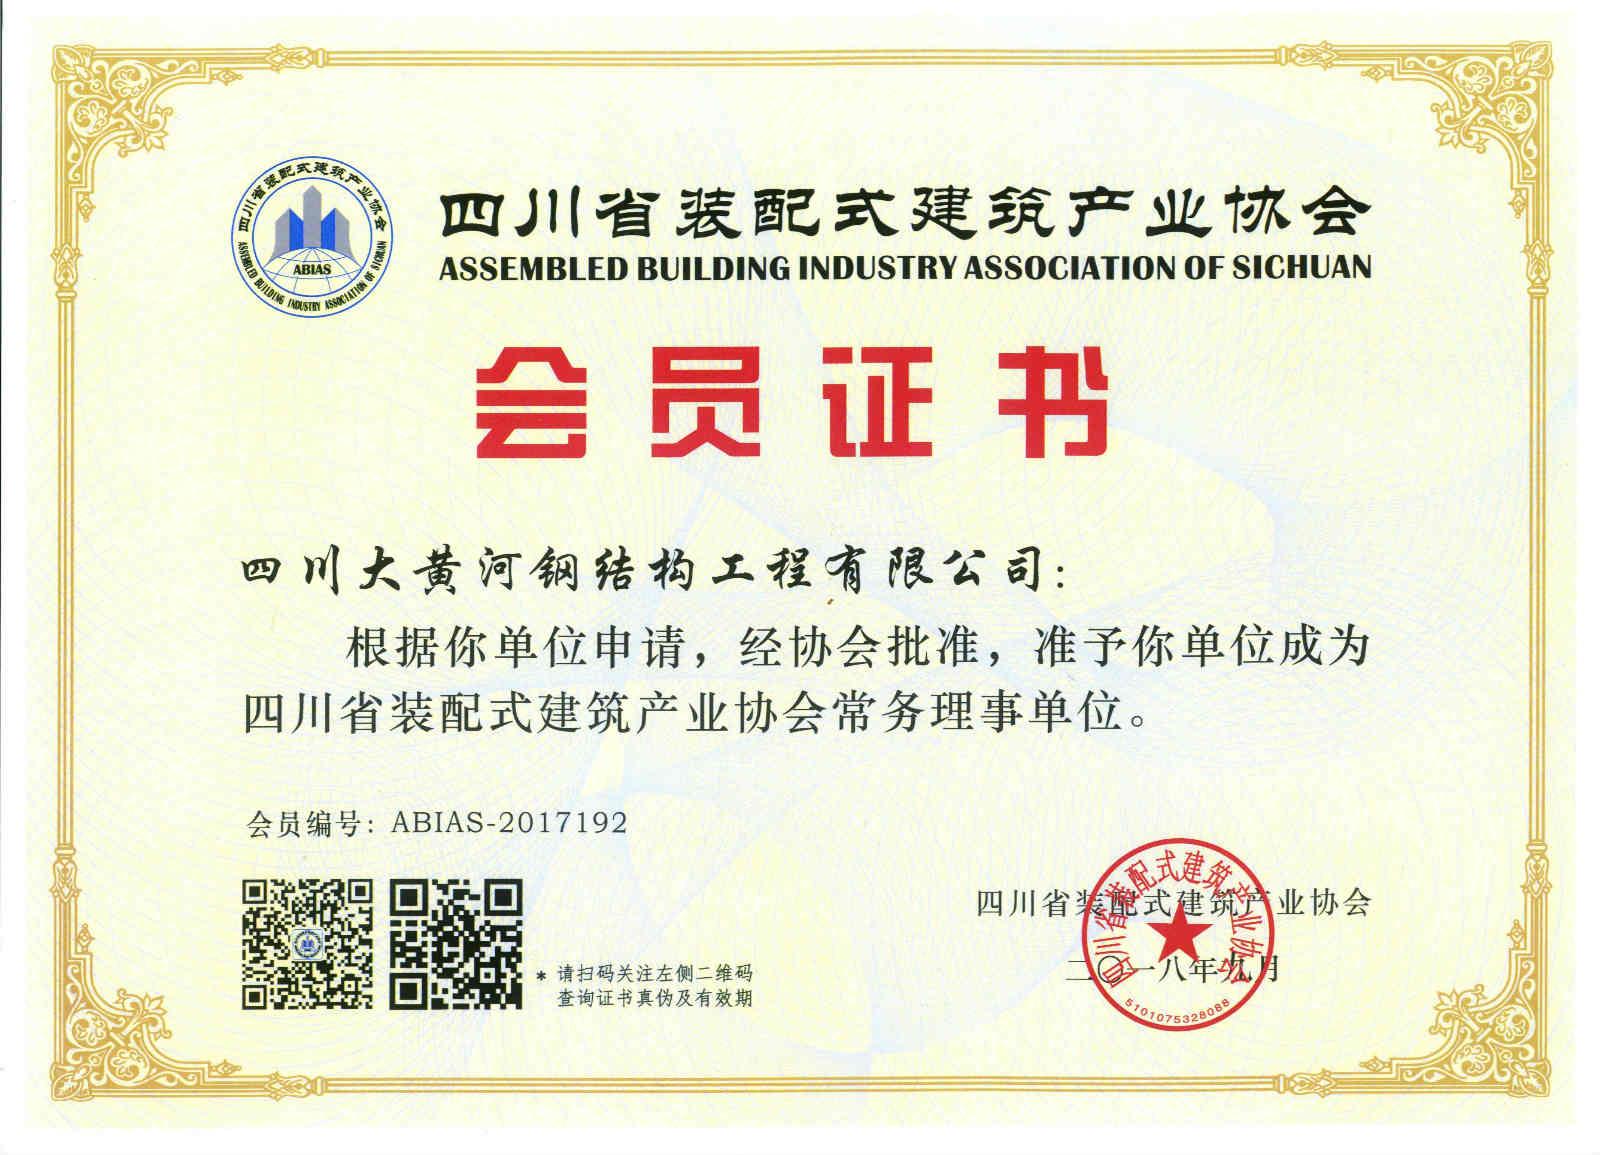 装配式建筑产业协会证书